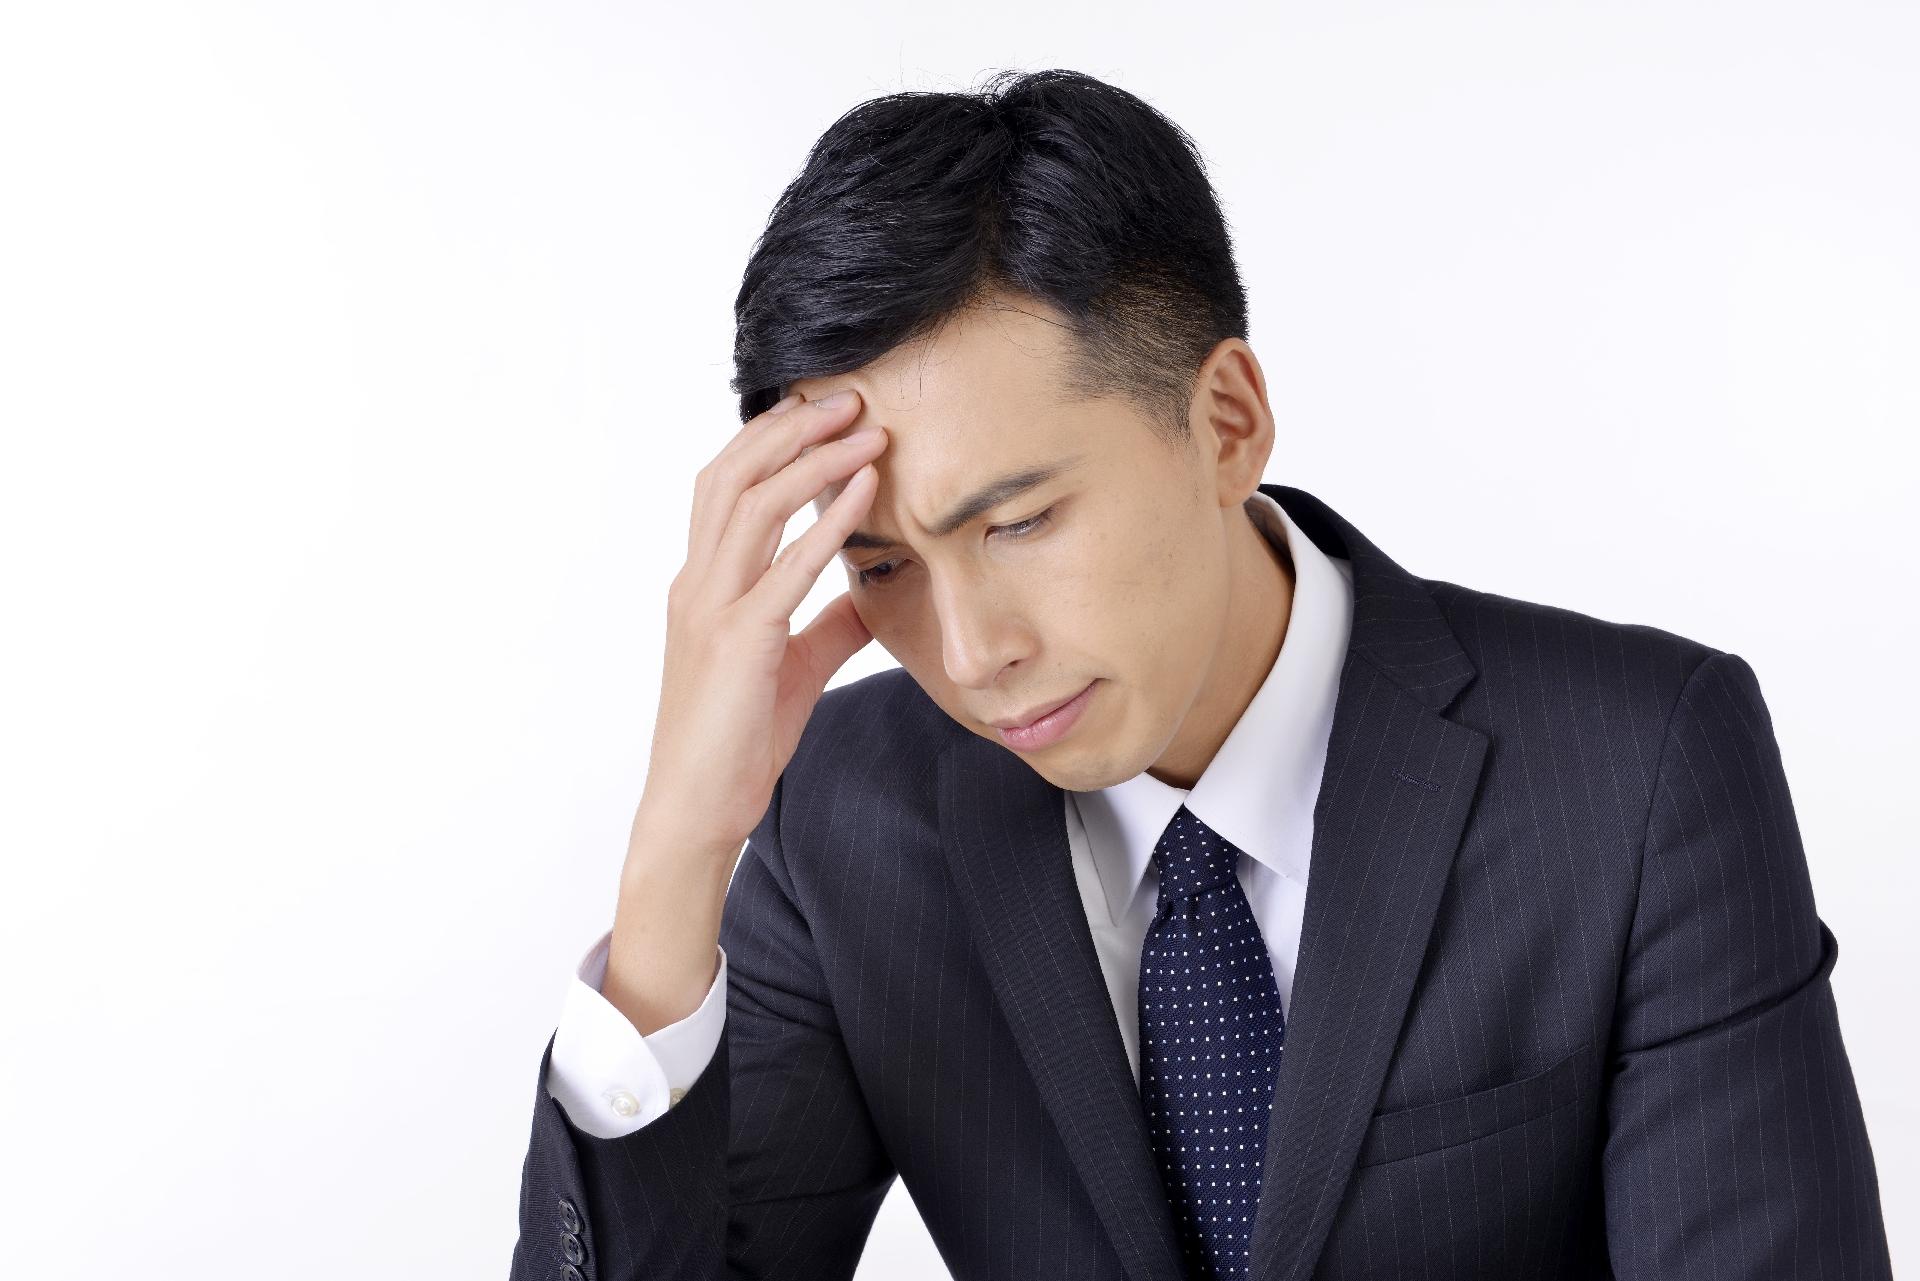 上司や人間関係を考えたら吐き気が…会社に行きたくないし辞めたい時に考えるべきこと